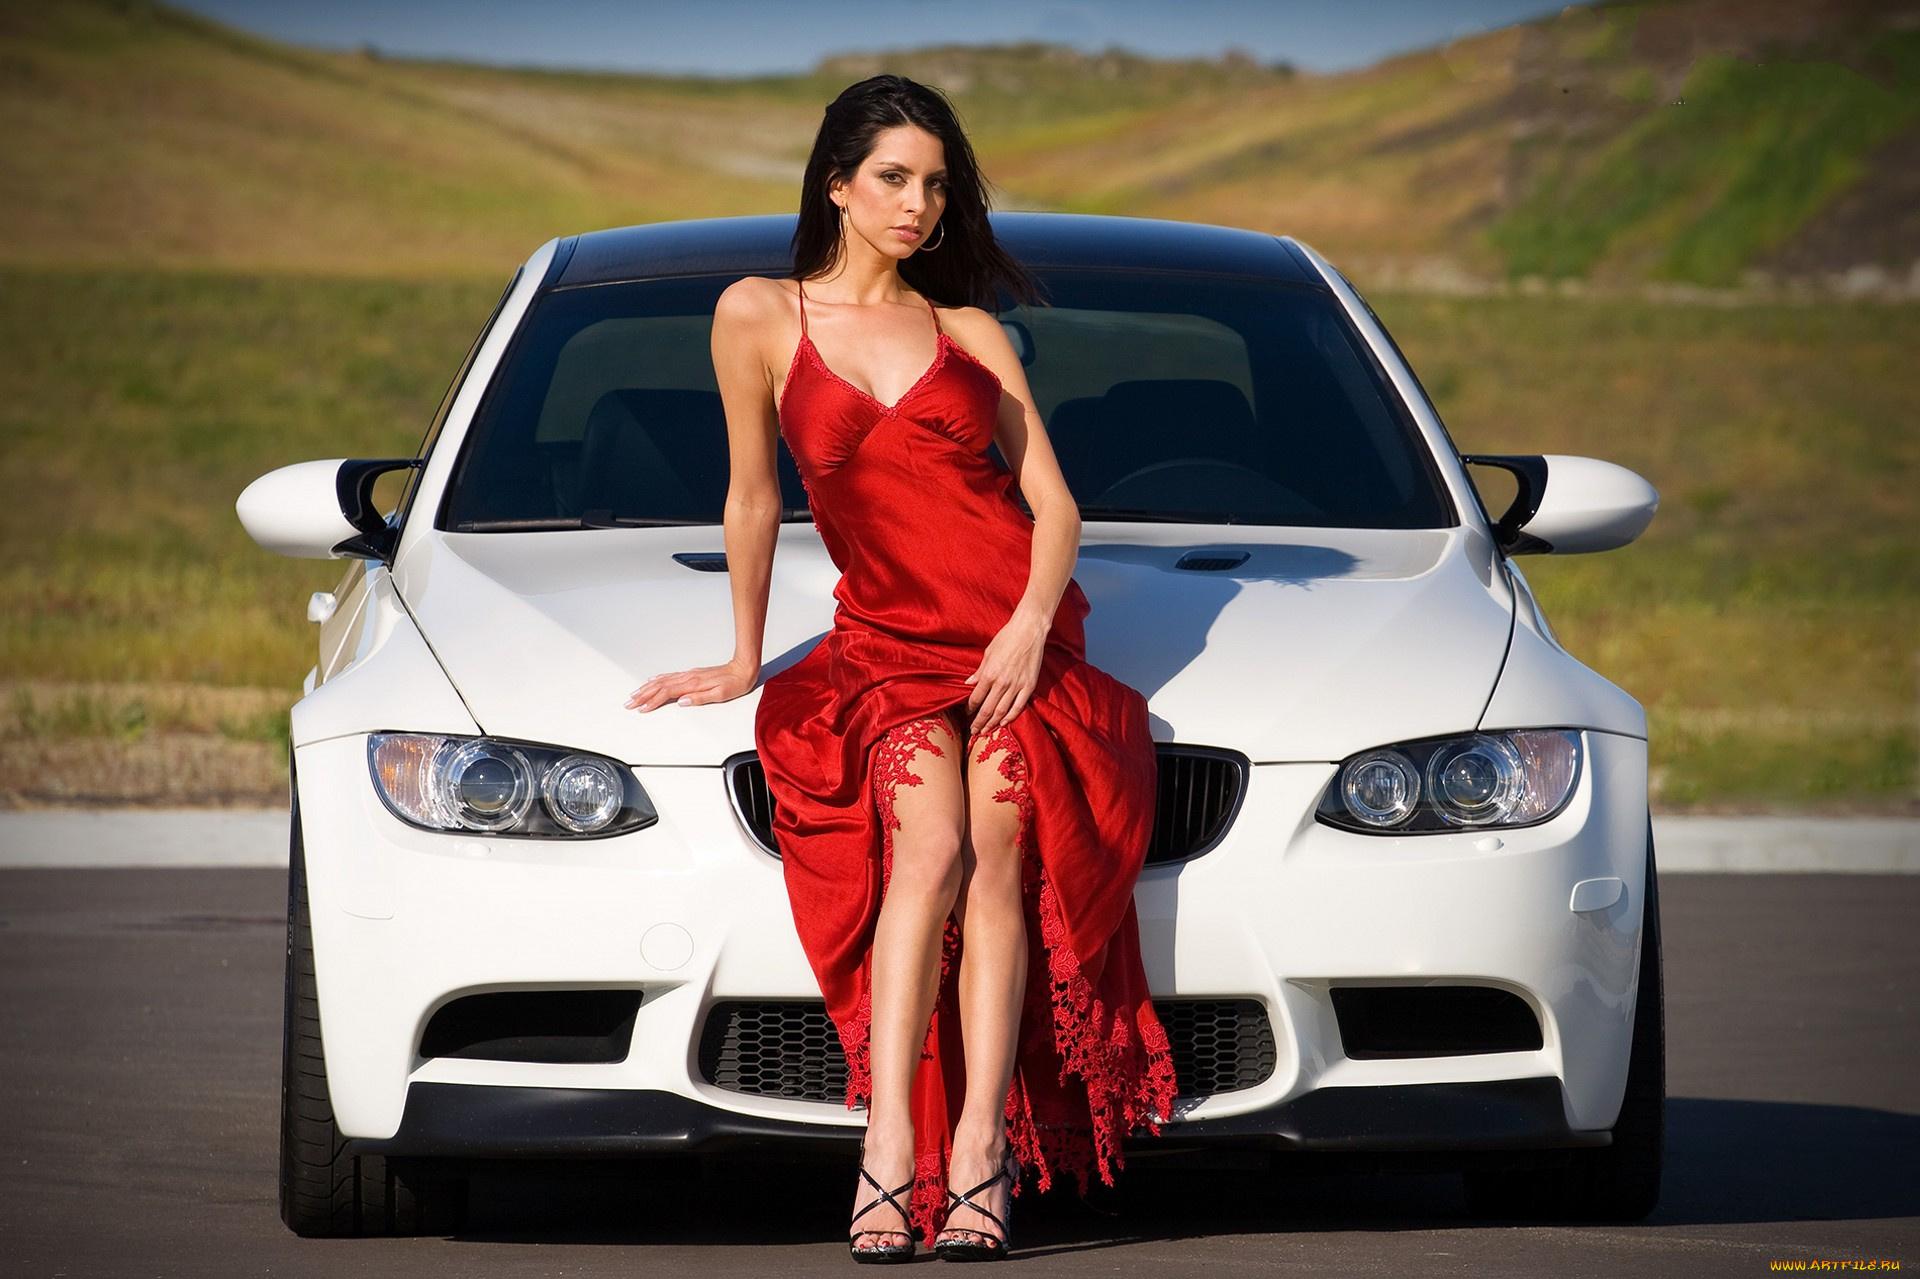 девушек возле машины без одежды валите